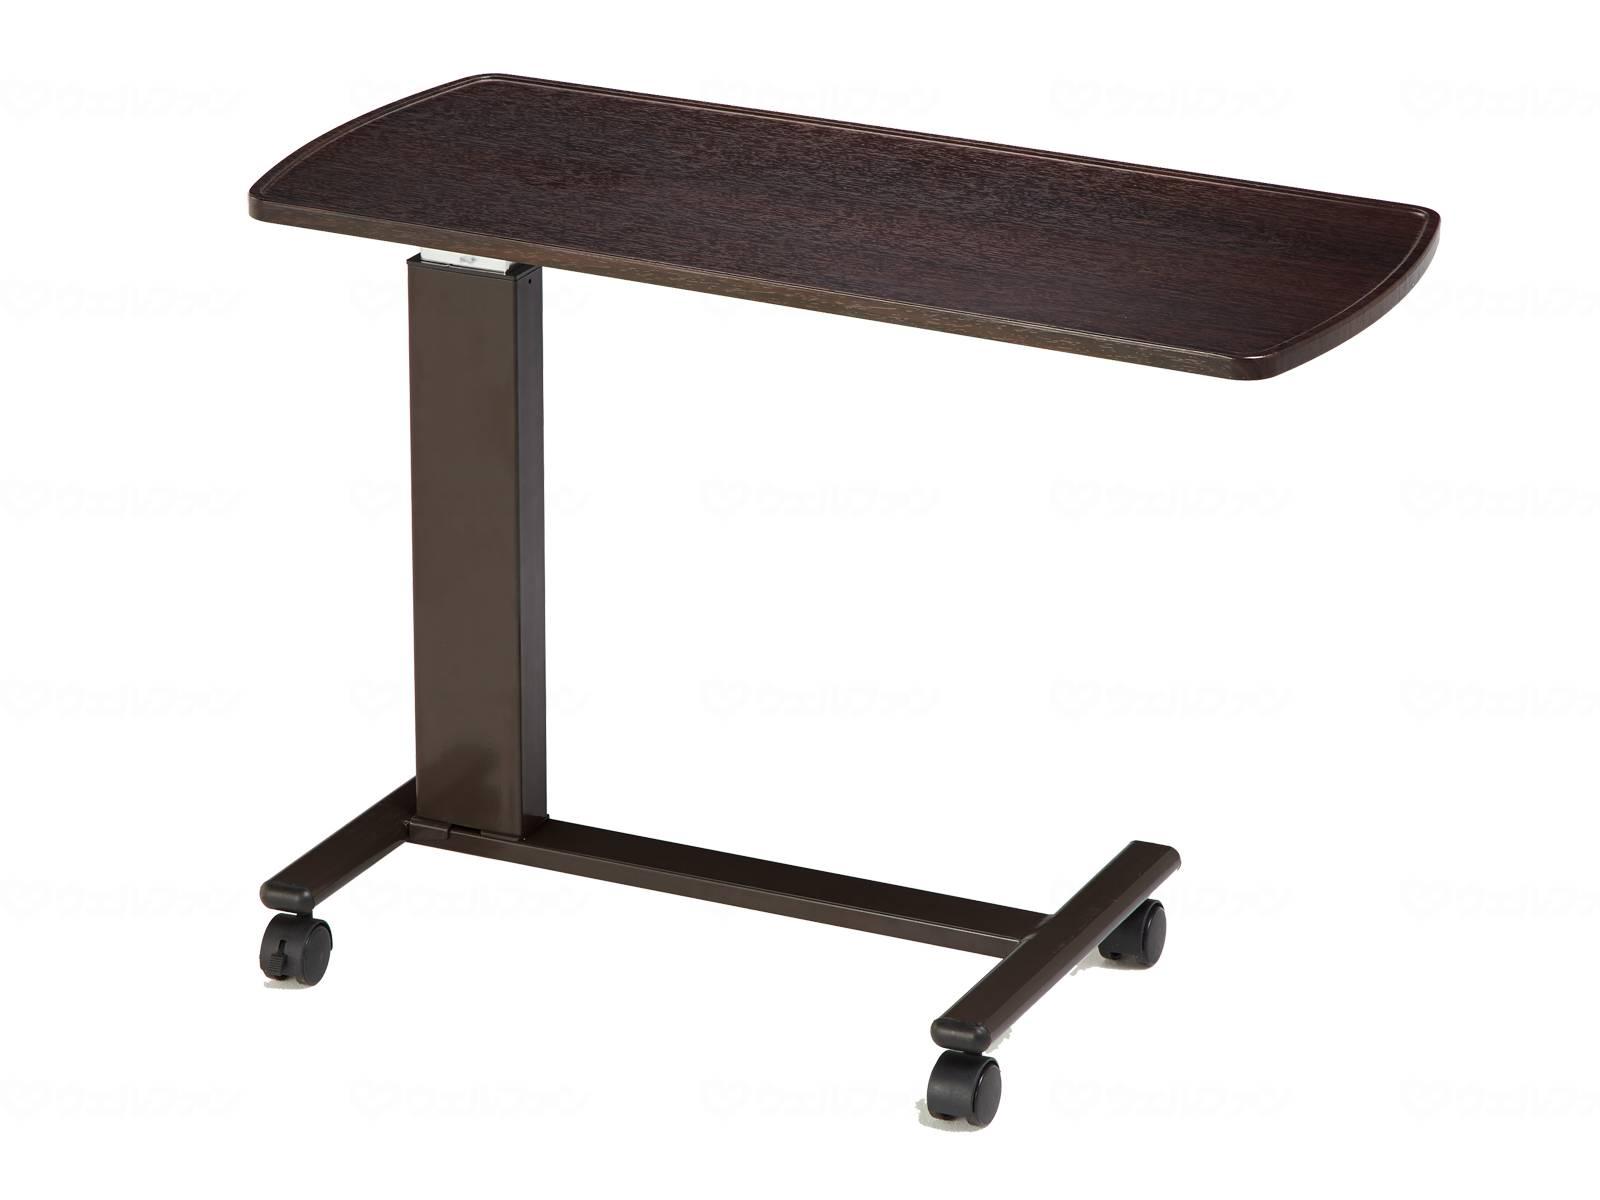 ベッドサイドテーブルの画像